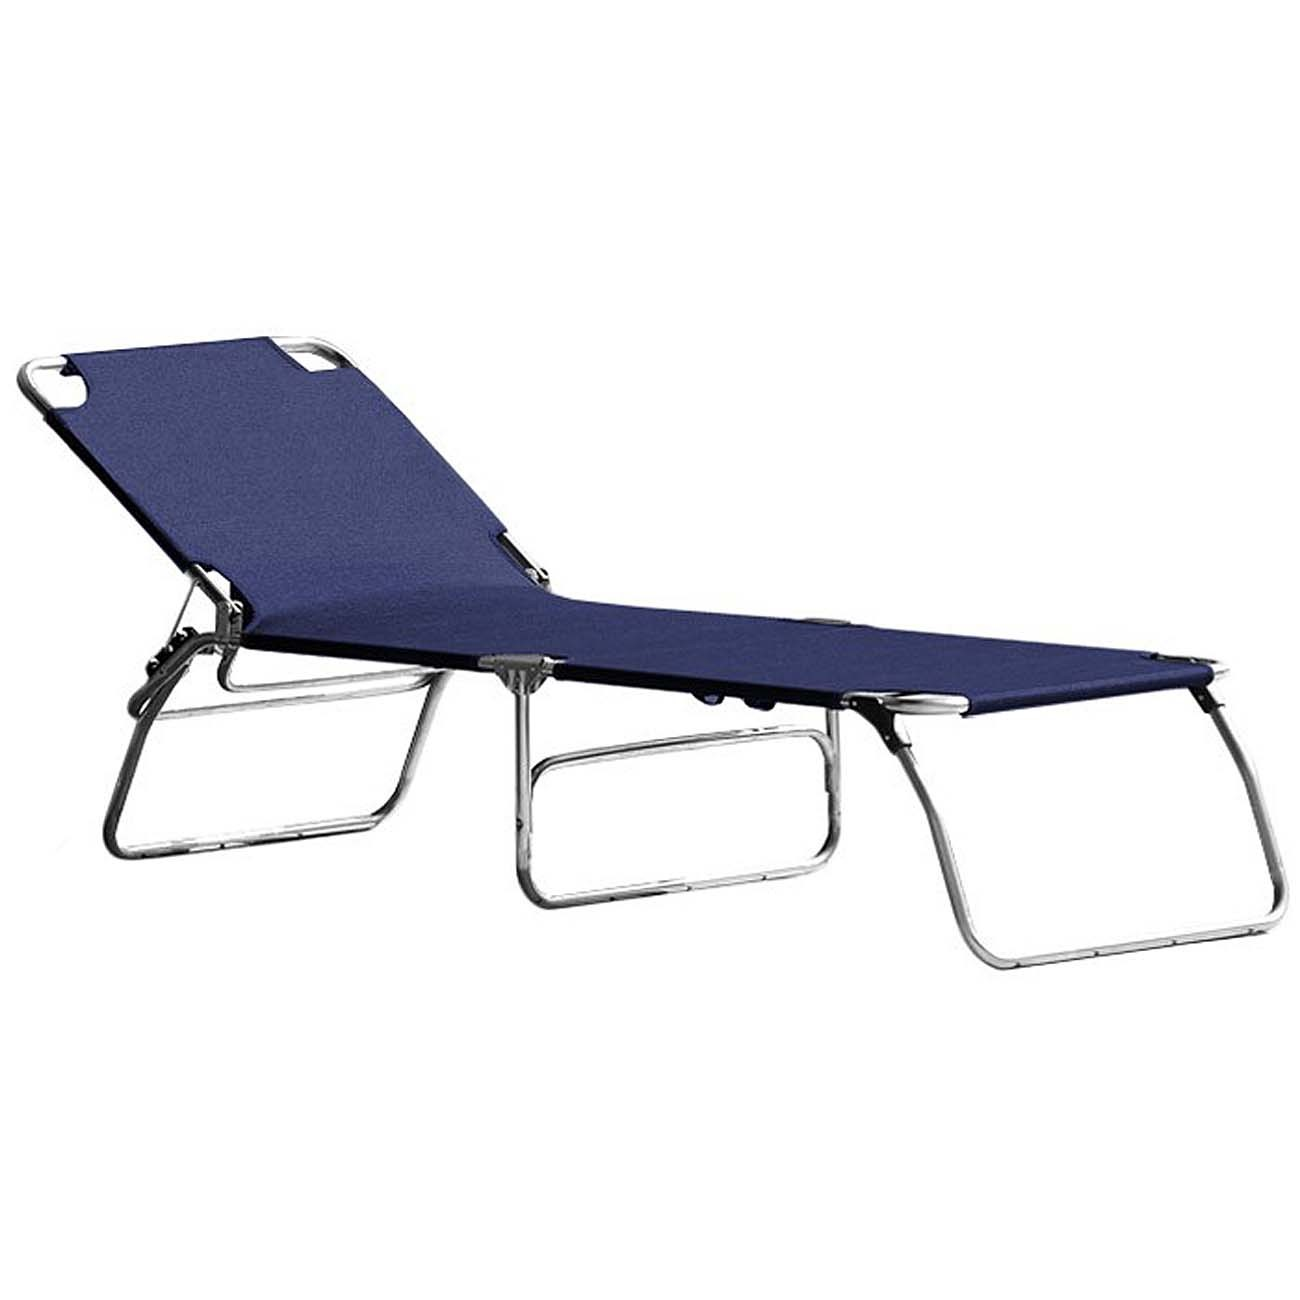 dreibein liege dunkelblau fiam amigo big ohne nackenrolle extrabreit 40x75x207 cm eingang. Black Bedroom Furniture Sets. Home Design Ideas